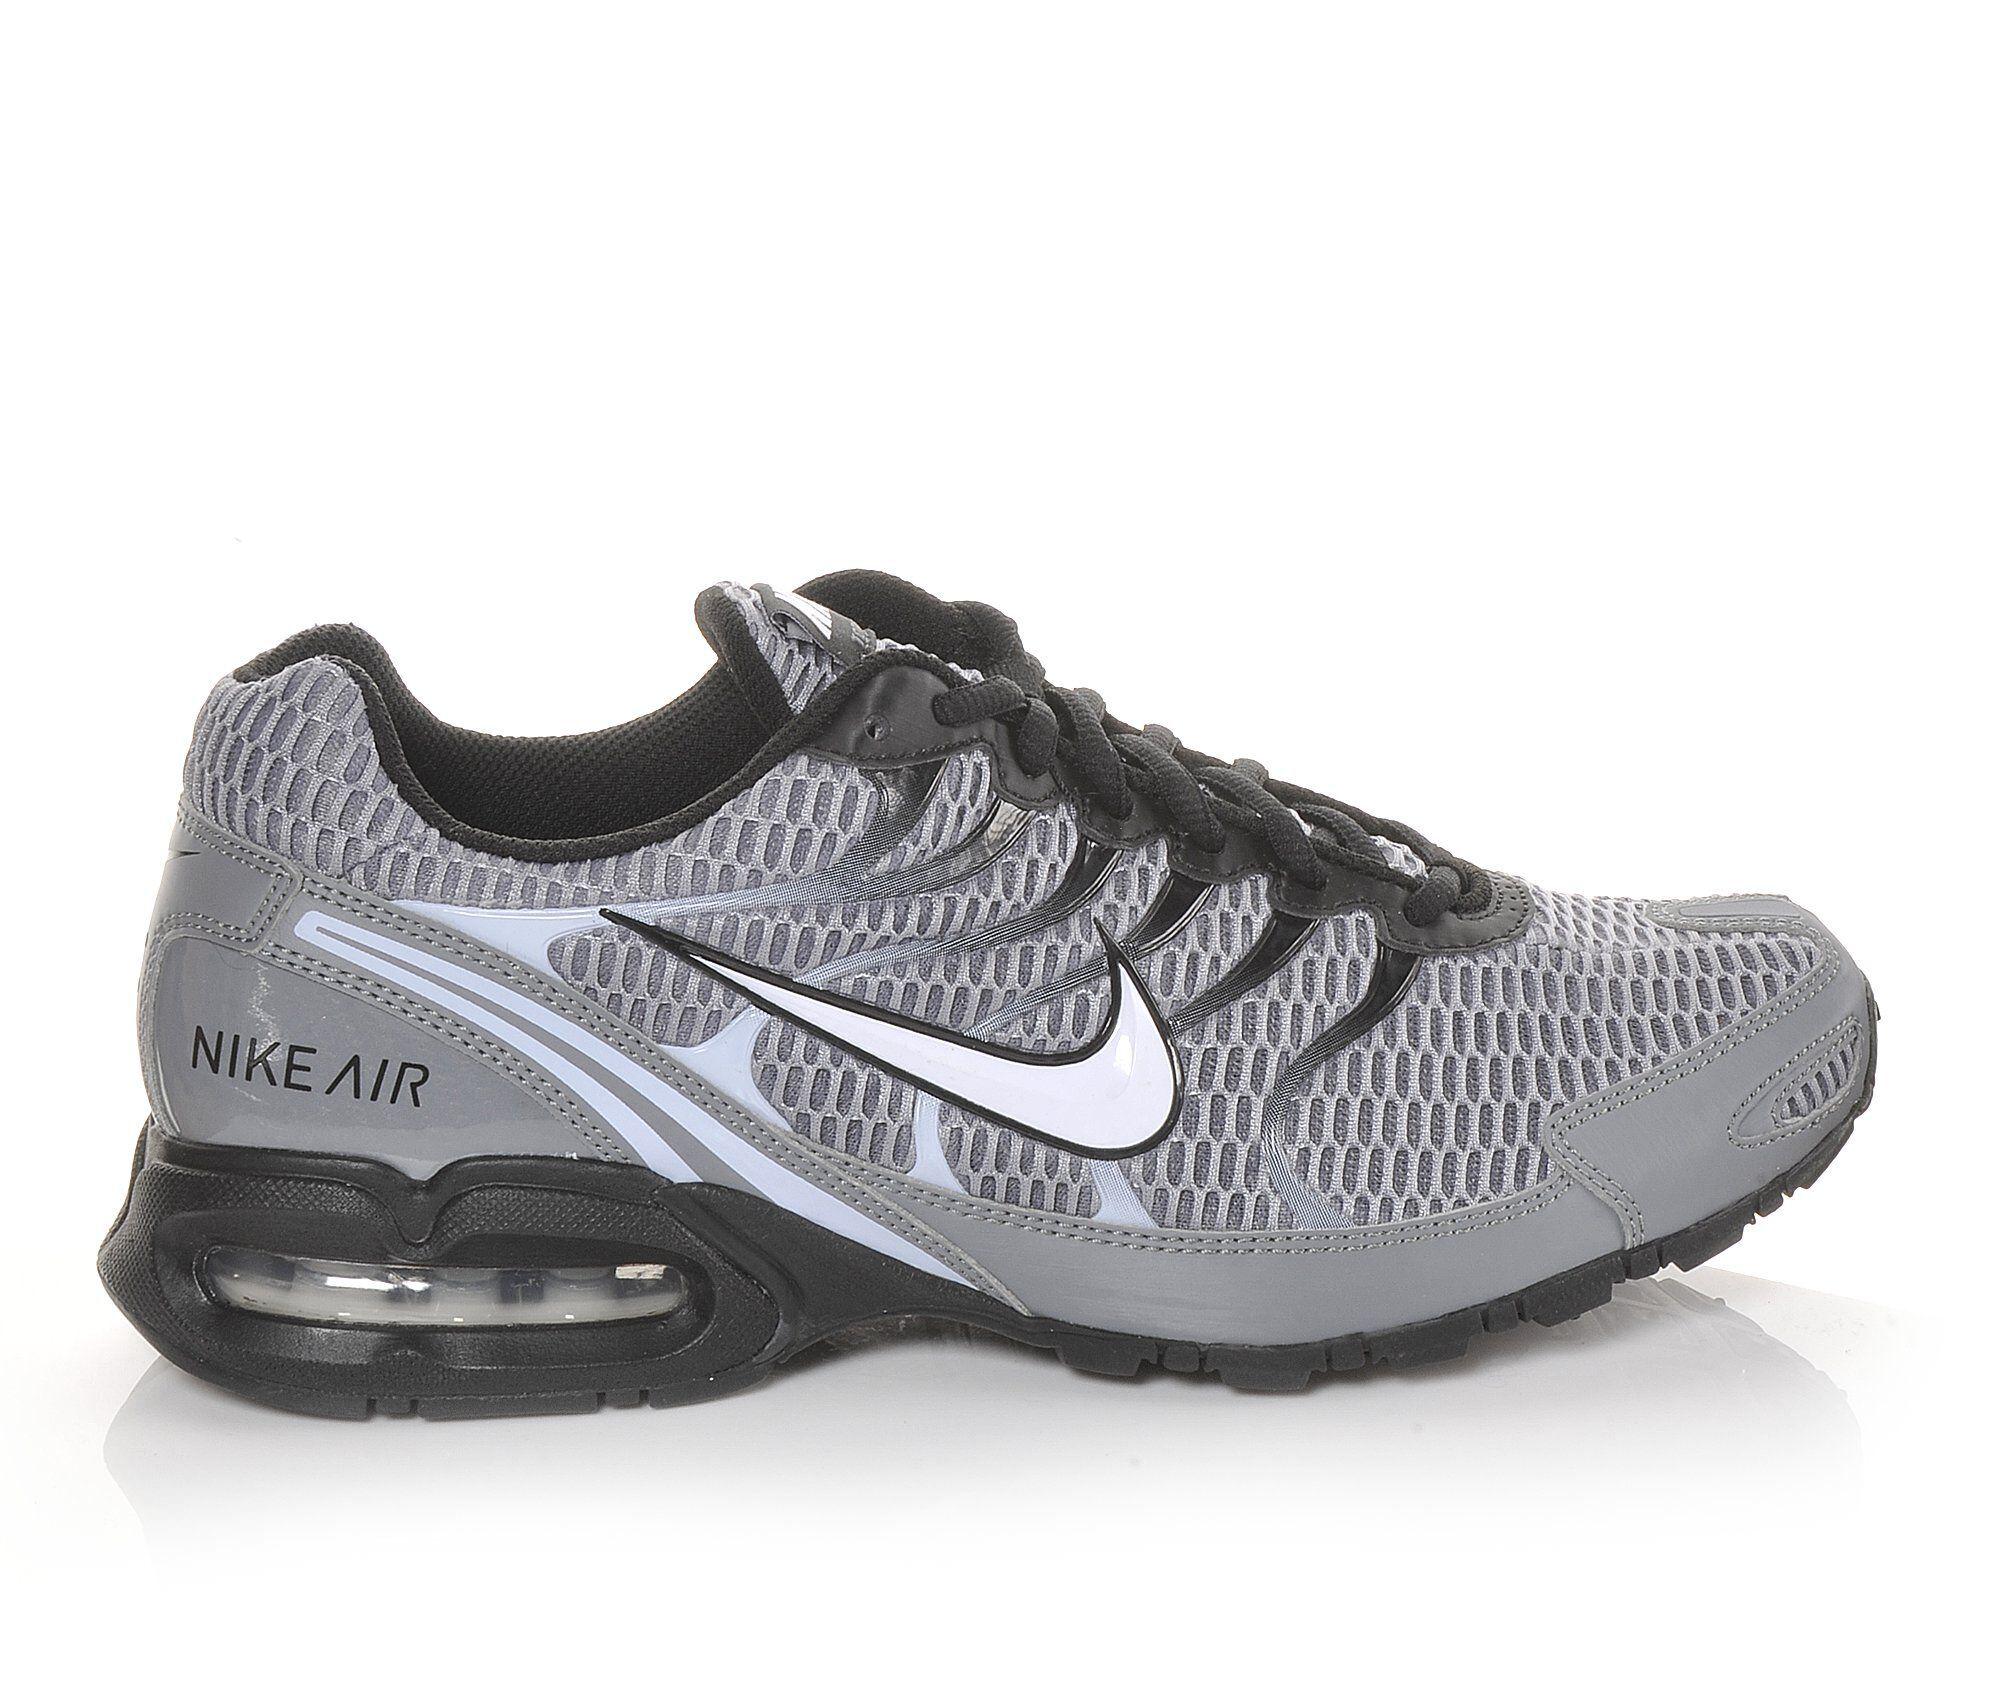 71764bb1915c80 ... usa nike air max torch 4 running shoes. previous add0a b803f